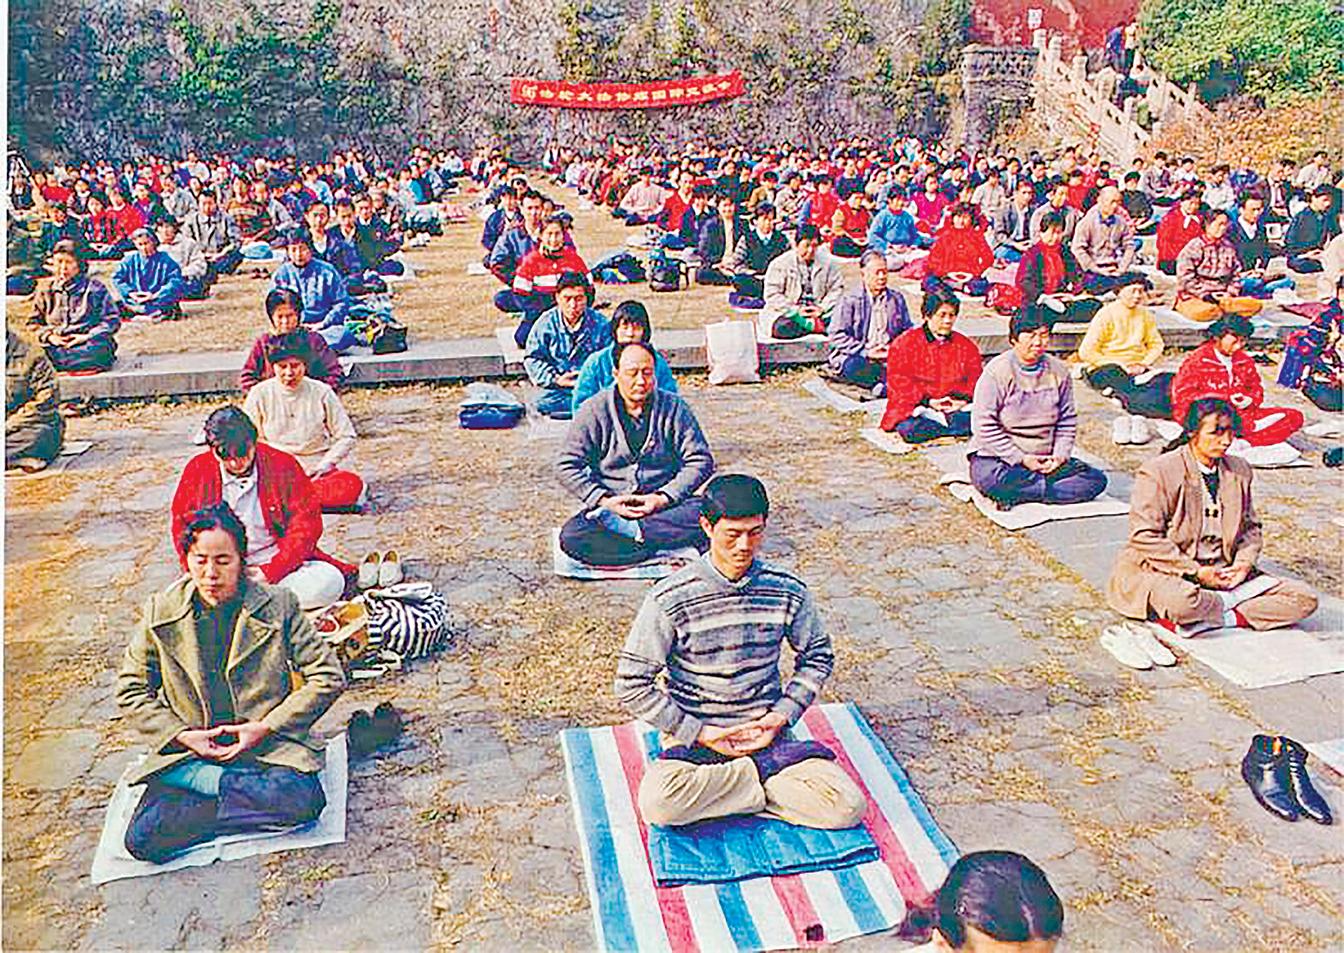 1997年法輪功學員在北京戒台寺集體煉功。(明慧網)